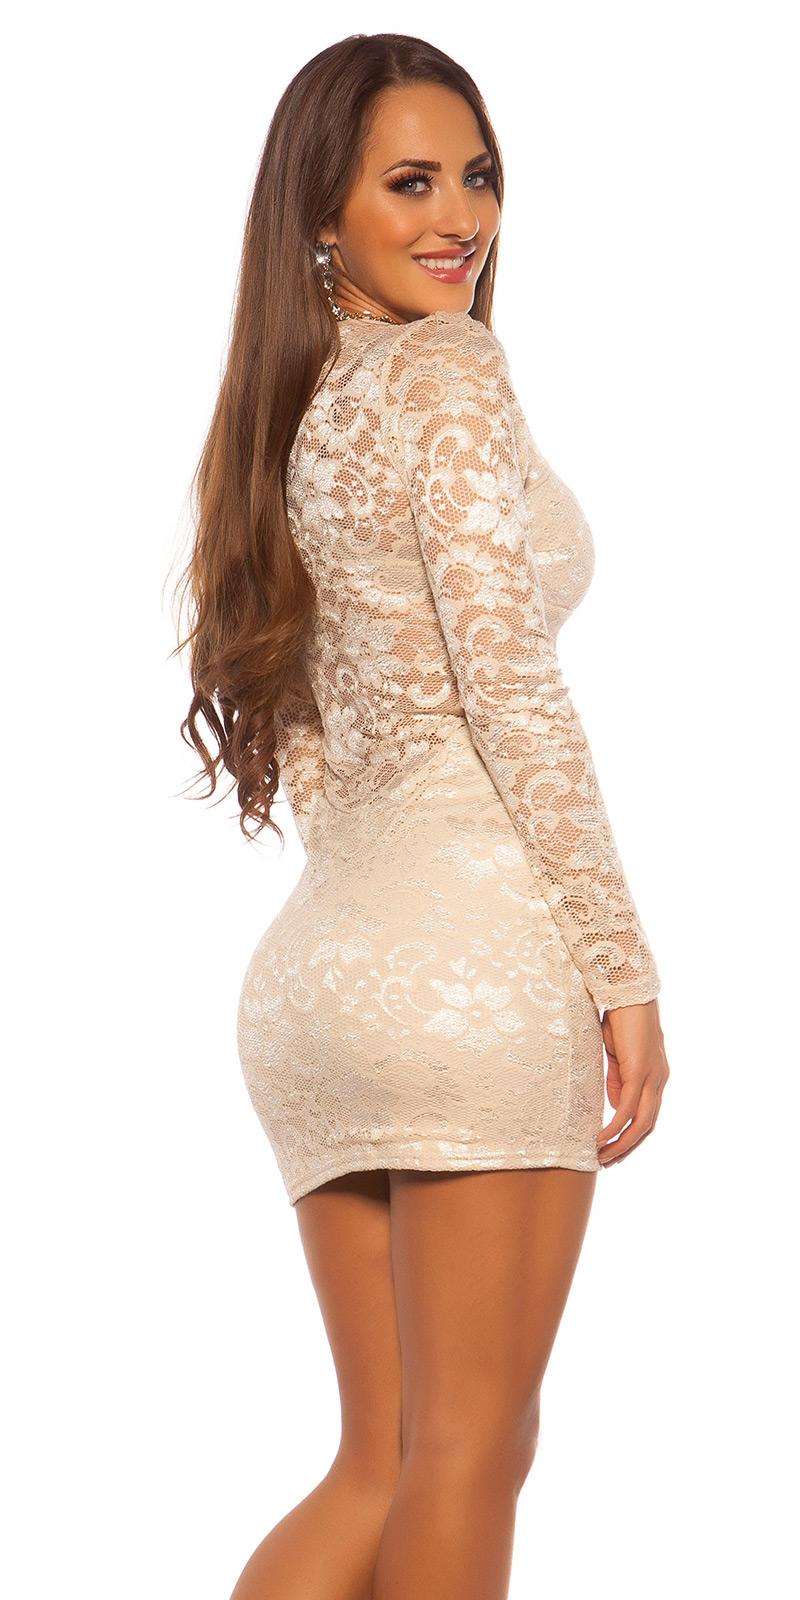 Šaty s dlouhým rukávem 0000C12047 - Beige